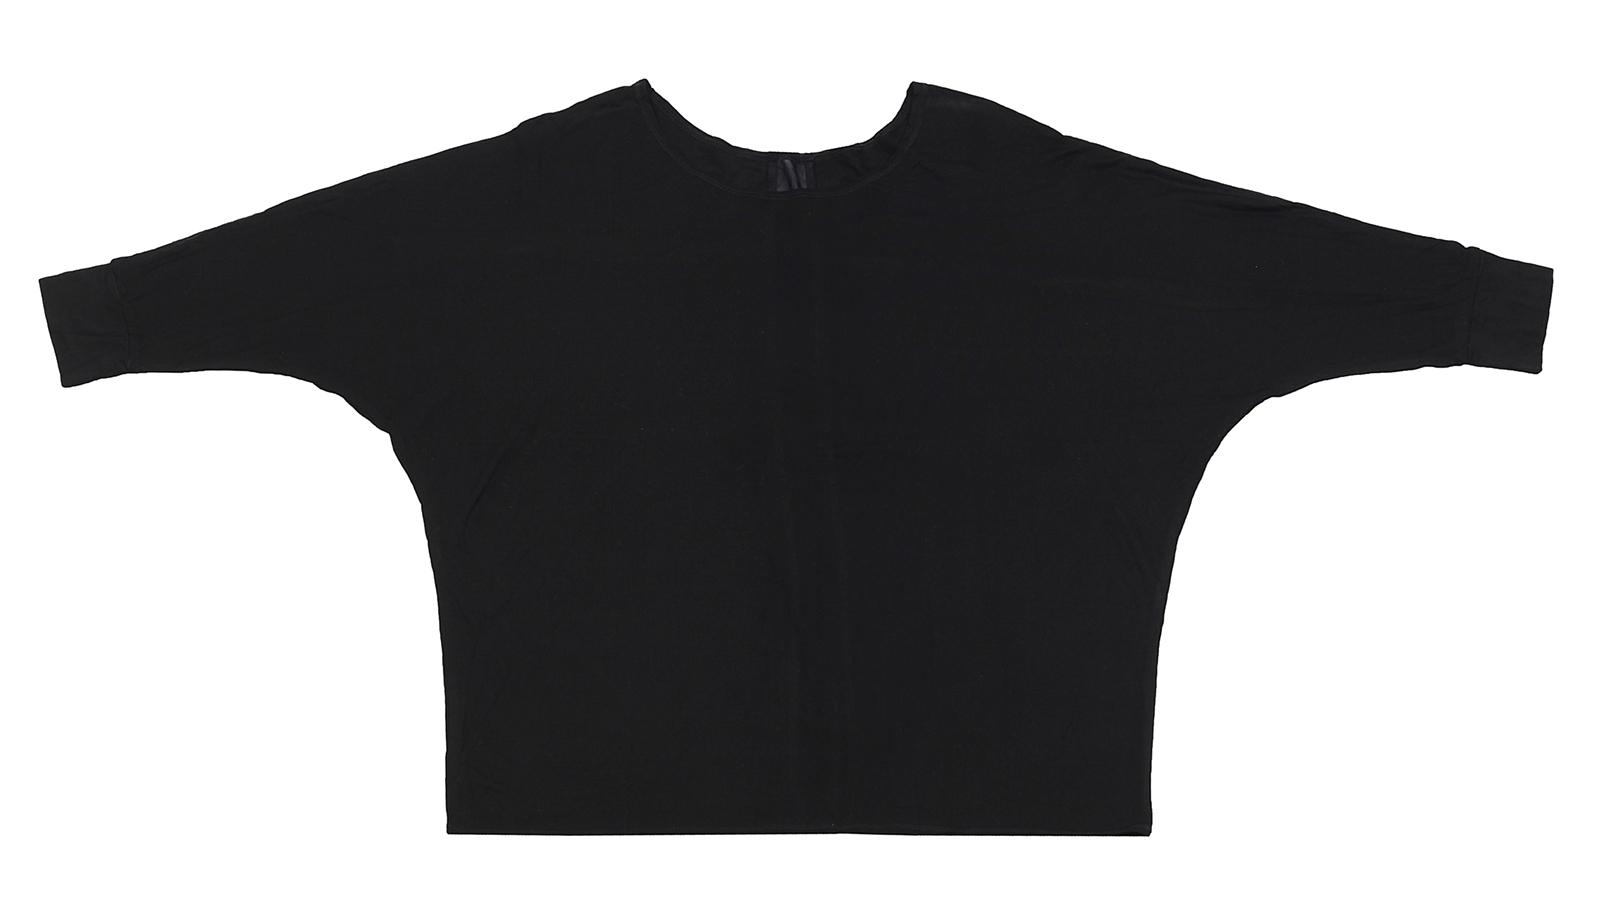 """Черная кофточка Karisma на каждый день. Покрой """"летучая мышь"""" снова в моде, заказывайте!"""